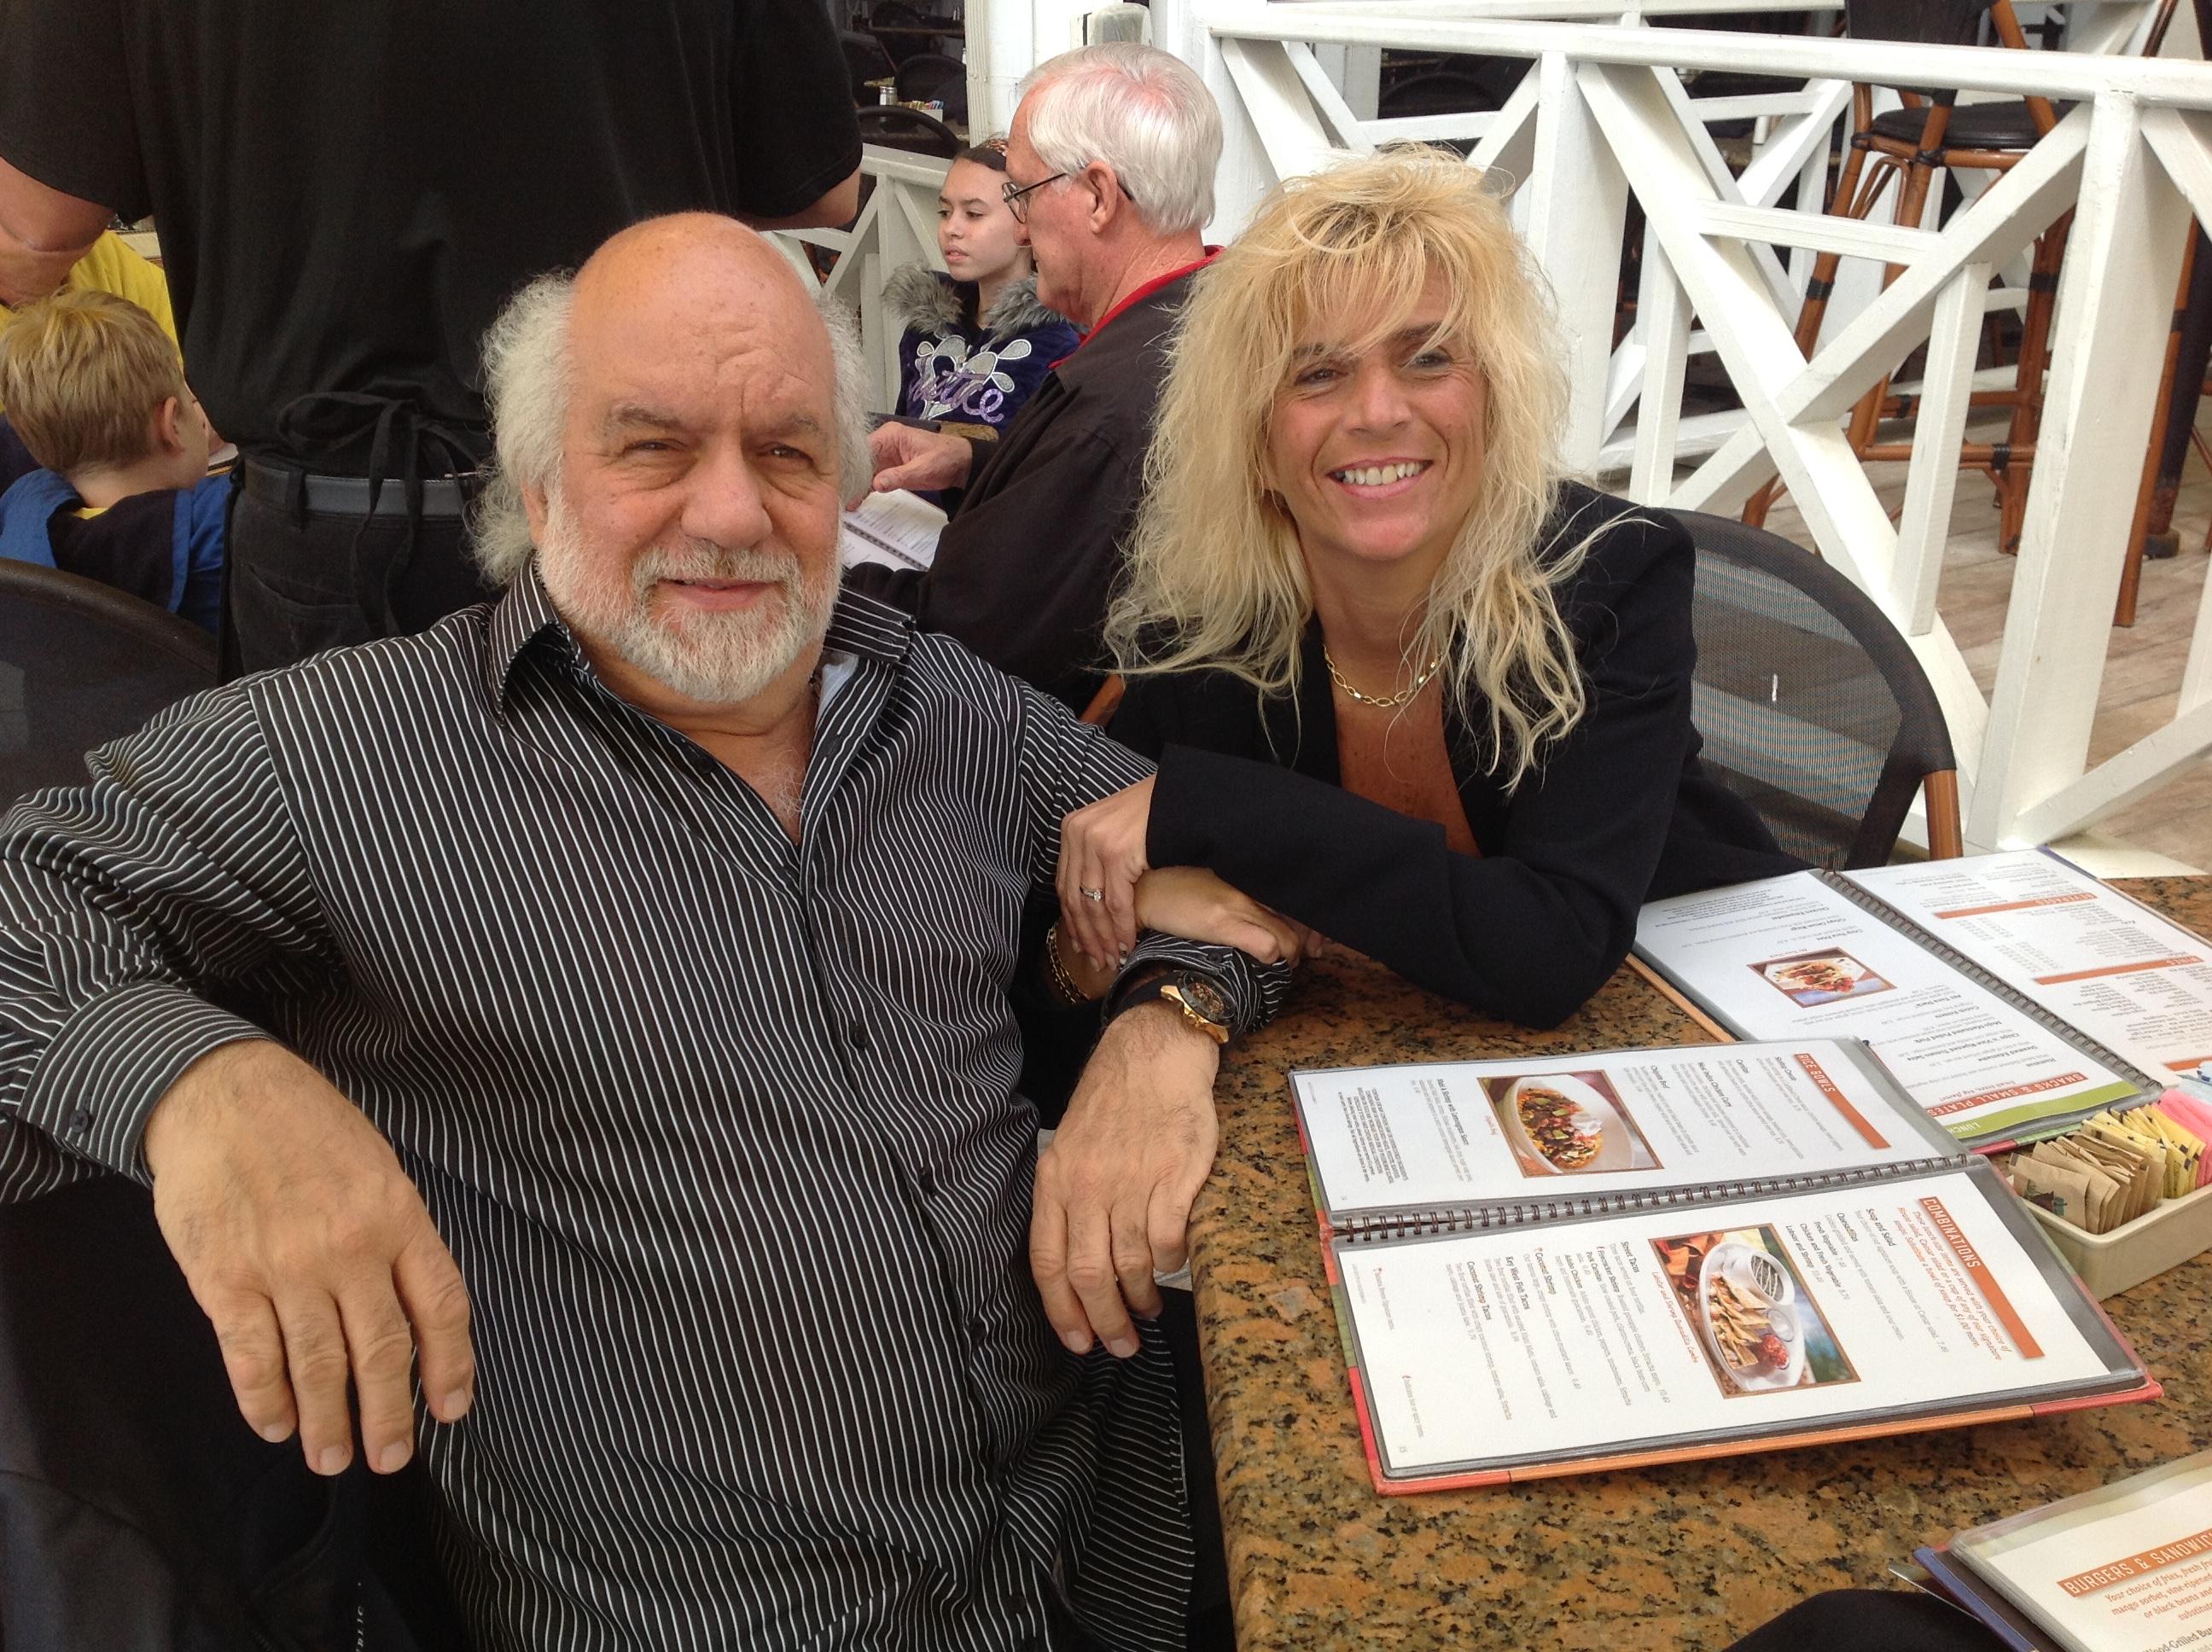 5-Doug & Theresa.JPG